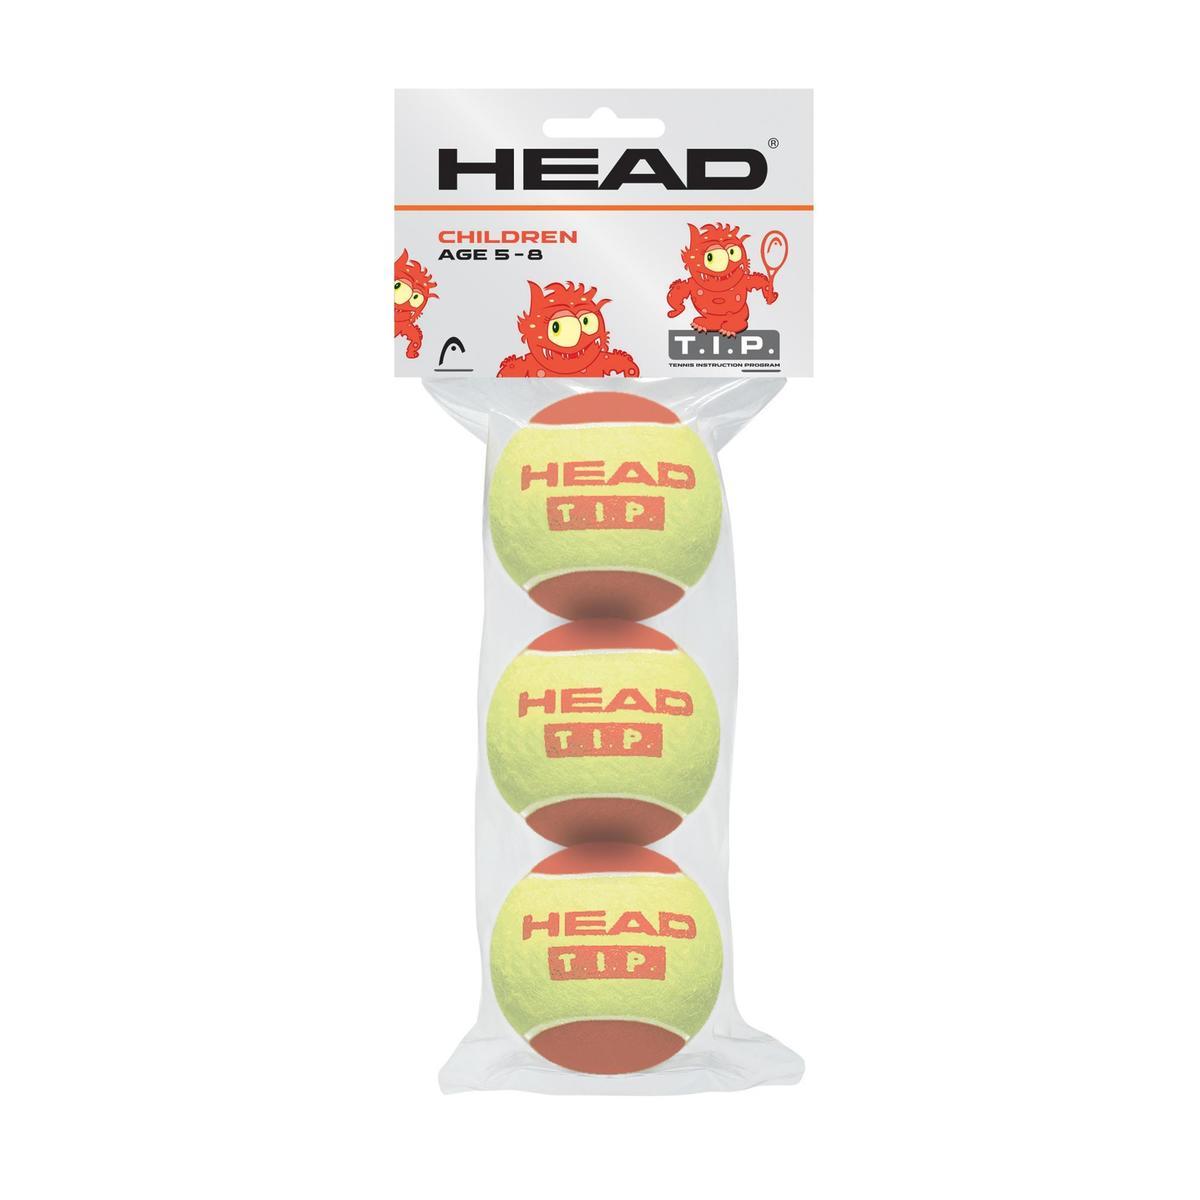 Bild 2 von Tennisball HEAD rot 3 Stück